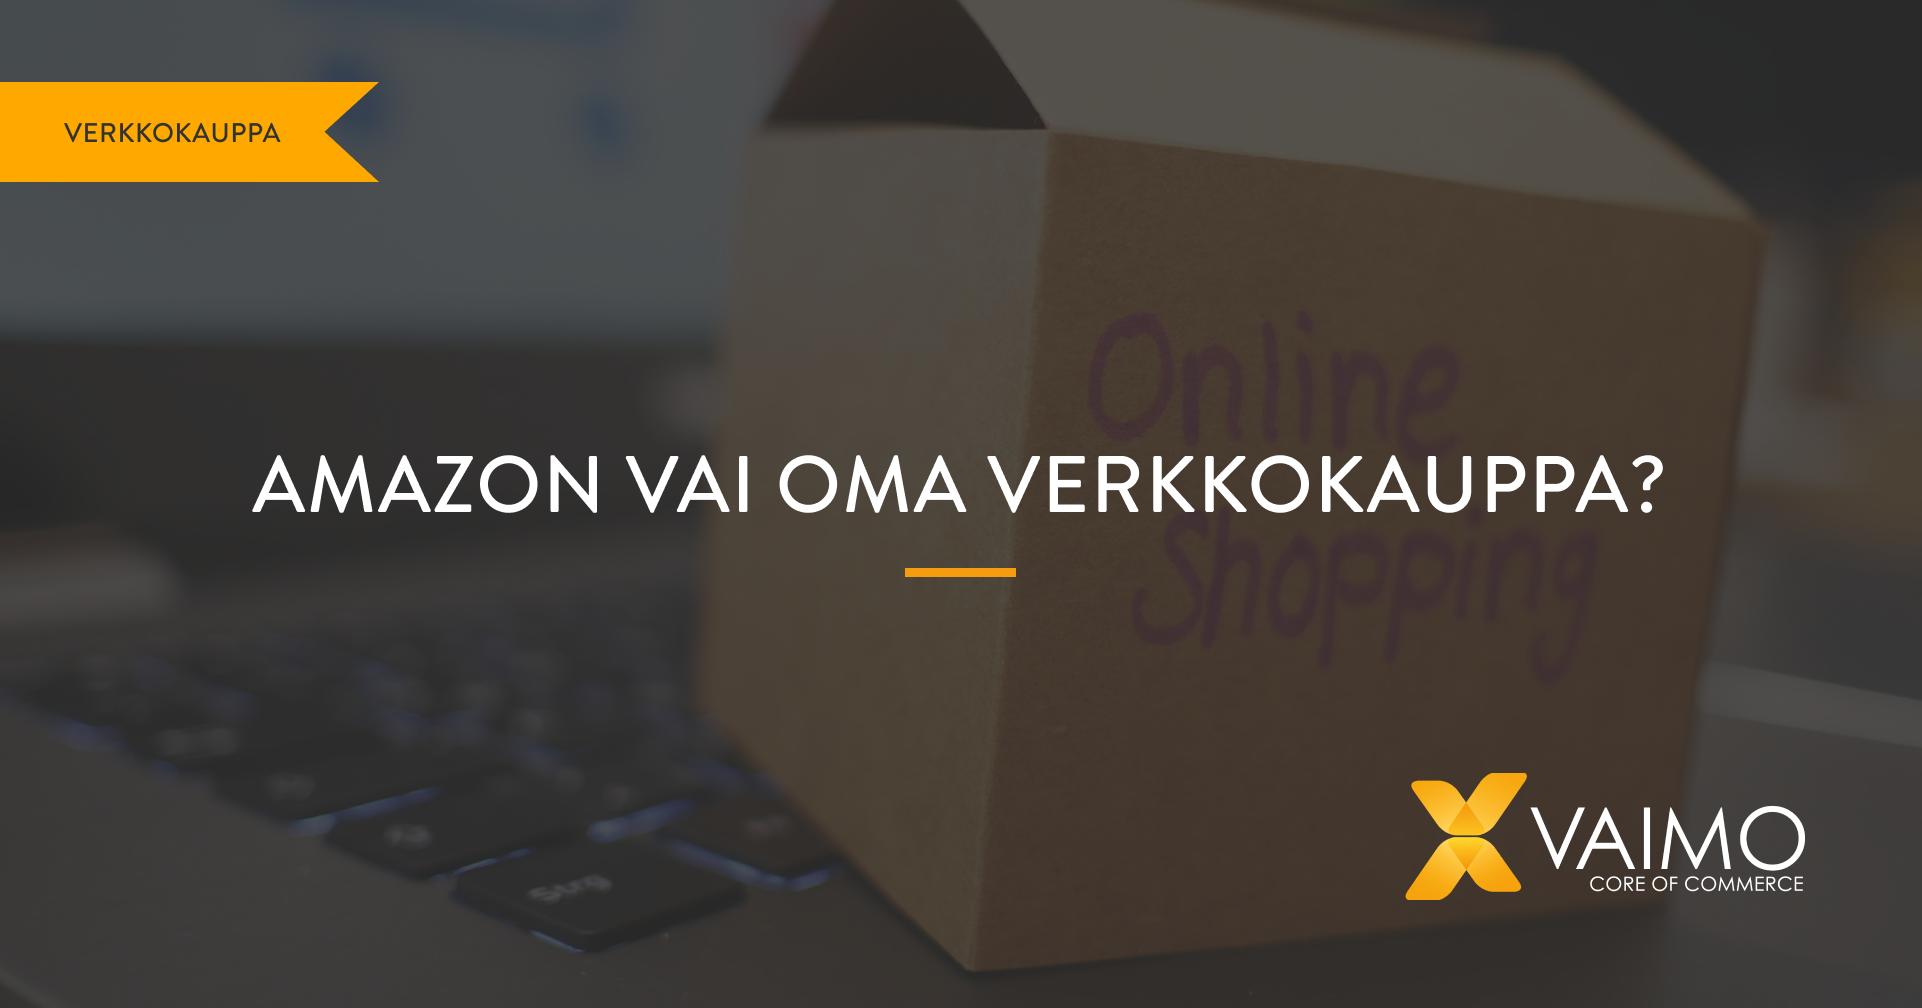 Amazon vai oma verkkokauppa